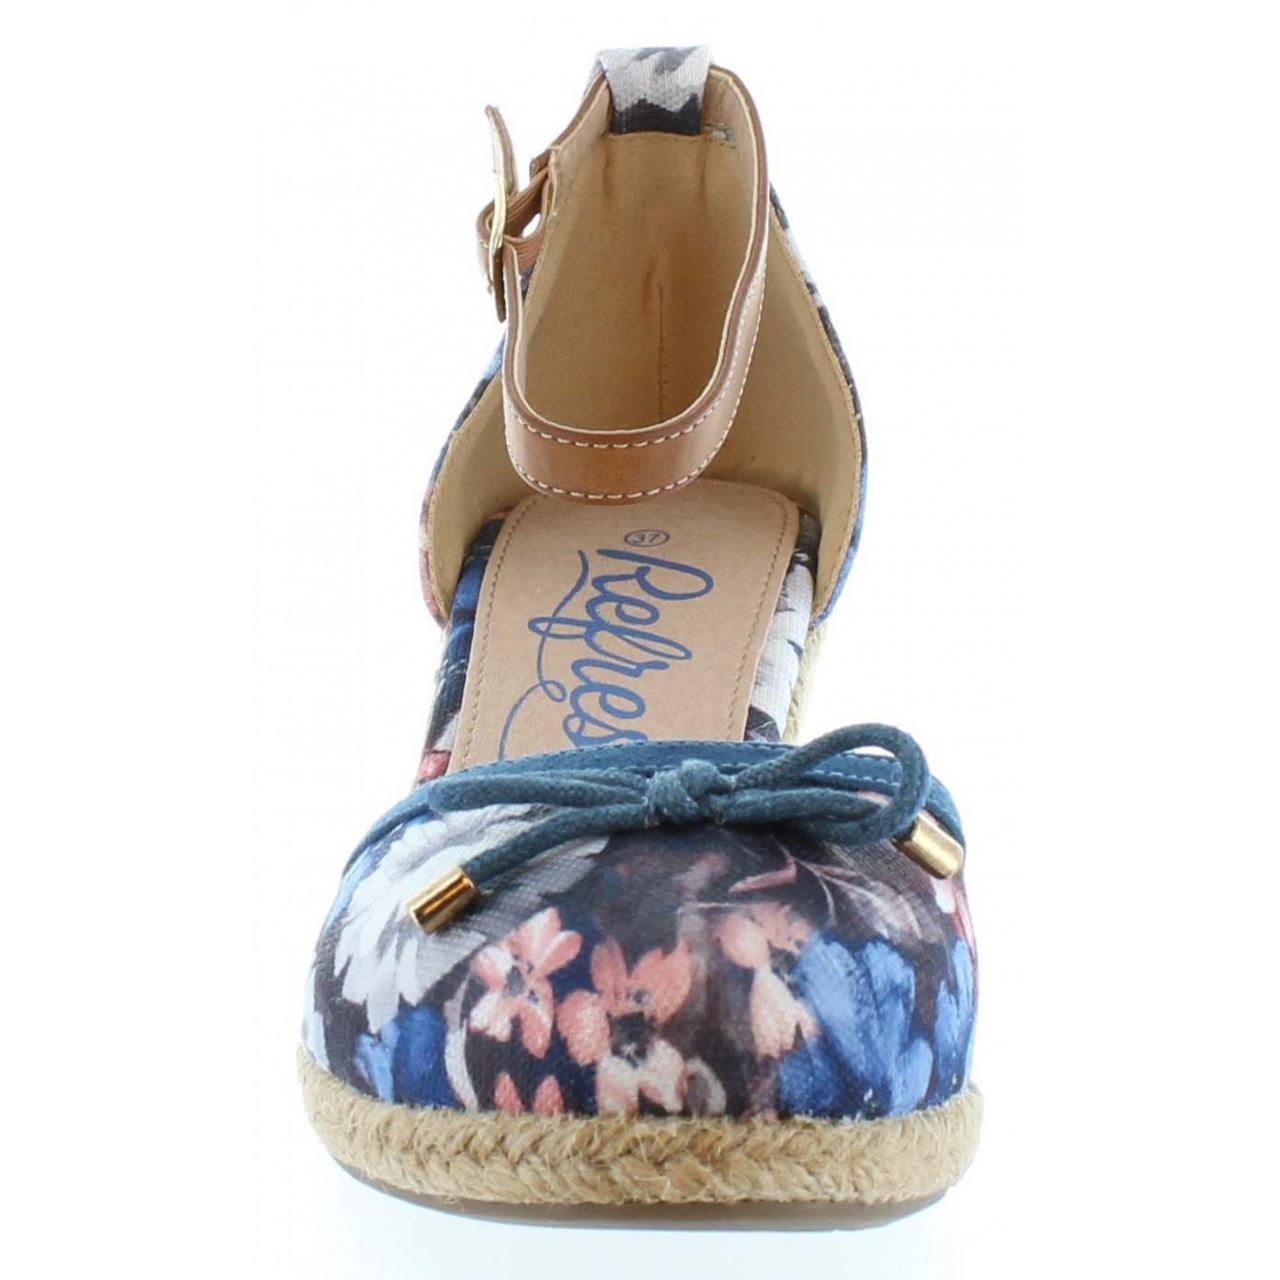 65505bdf6aadd9 Refresh Schuhe Keilabsatz für Damen 61791 TEX Flor Jeans Schuhgröße 40   Amazon.de  Schuhe   Handtaschen